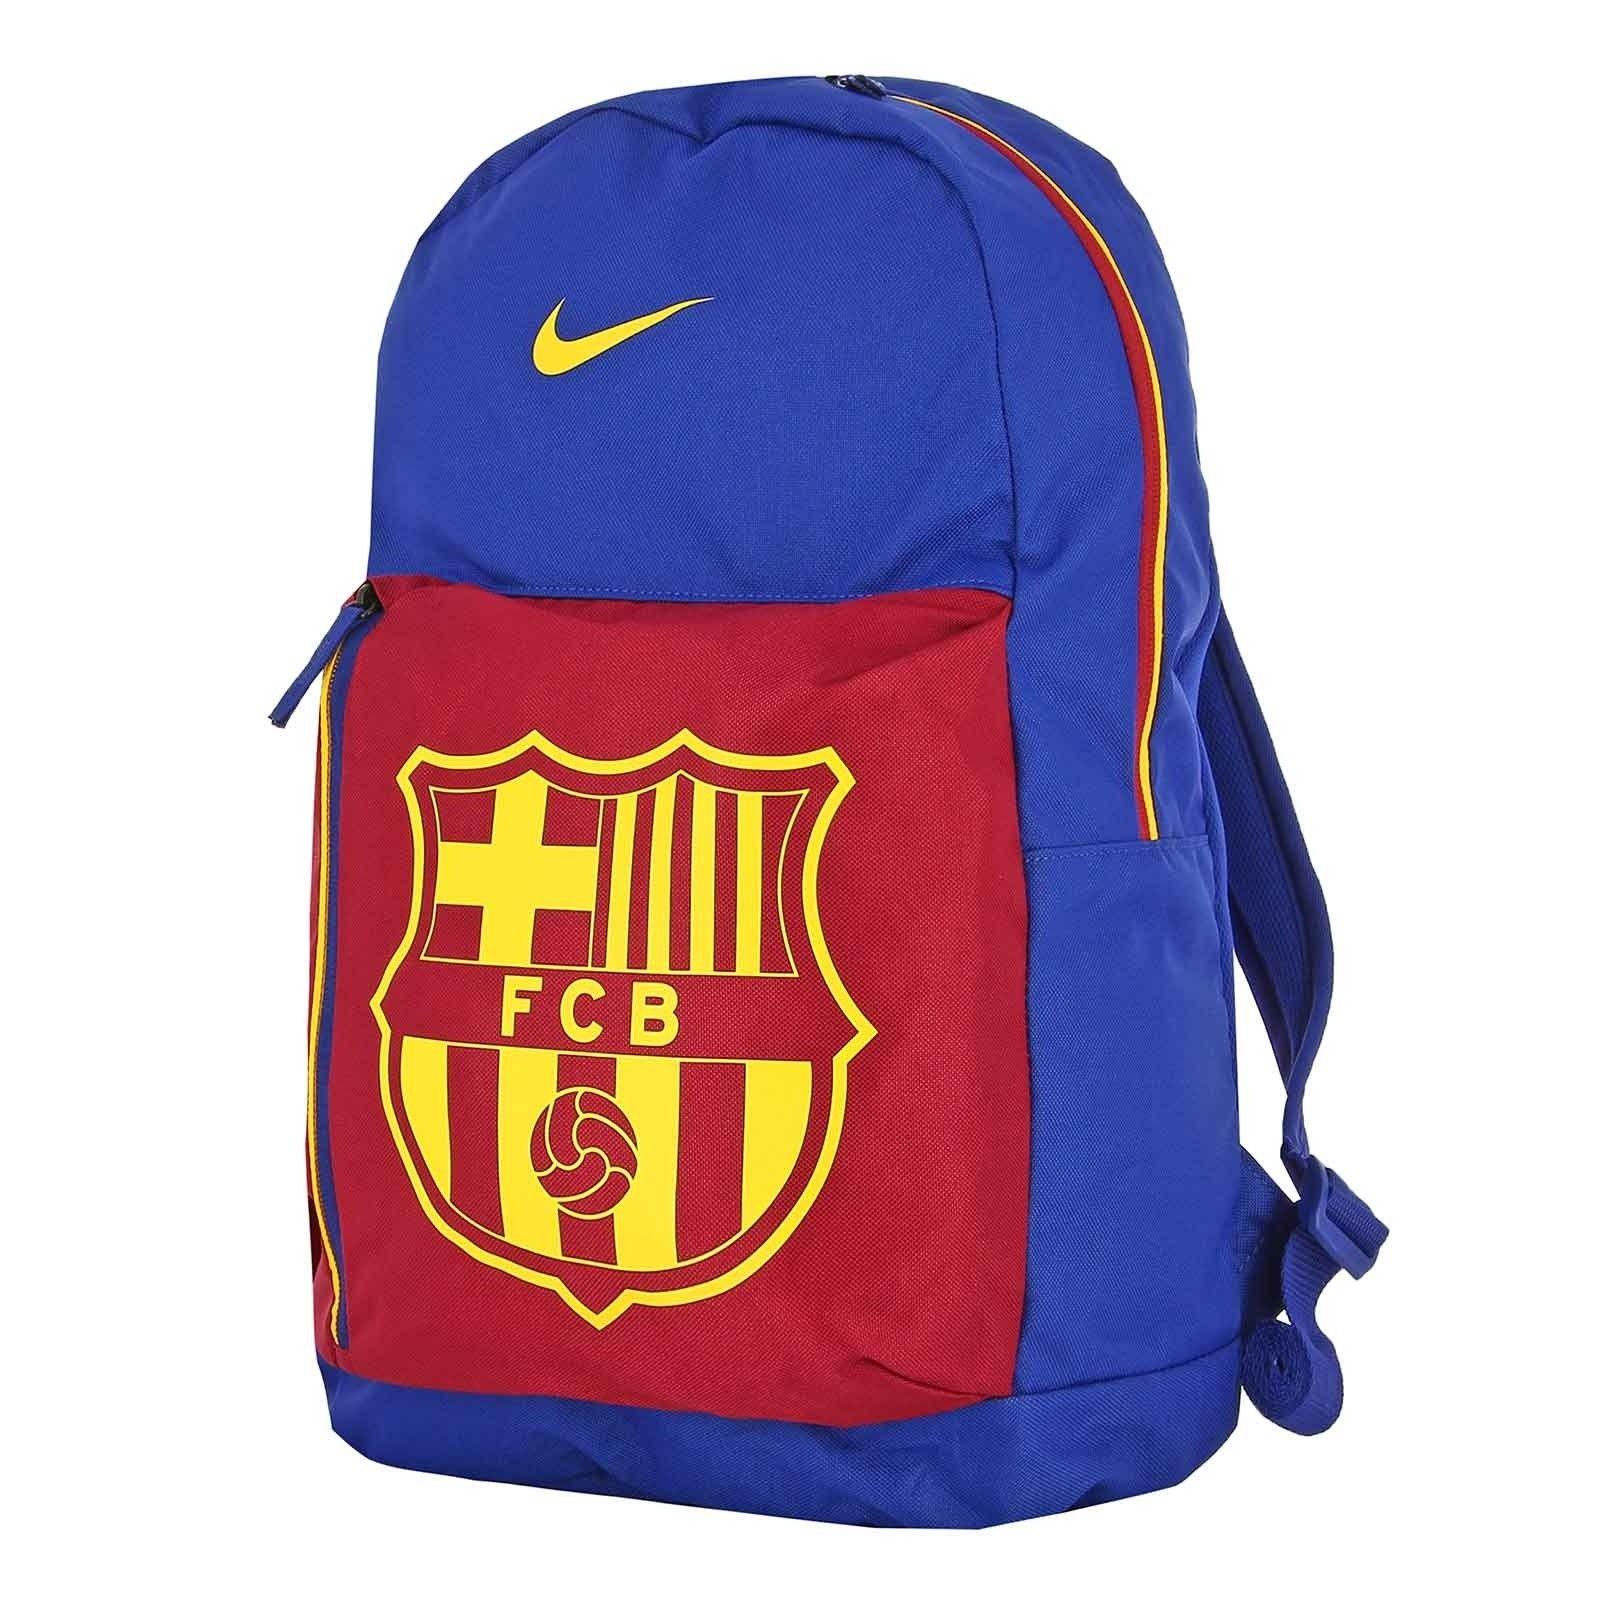 Mochila Nike Barcelona Stadium niño | Mochilas deportivas